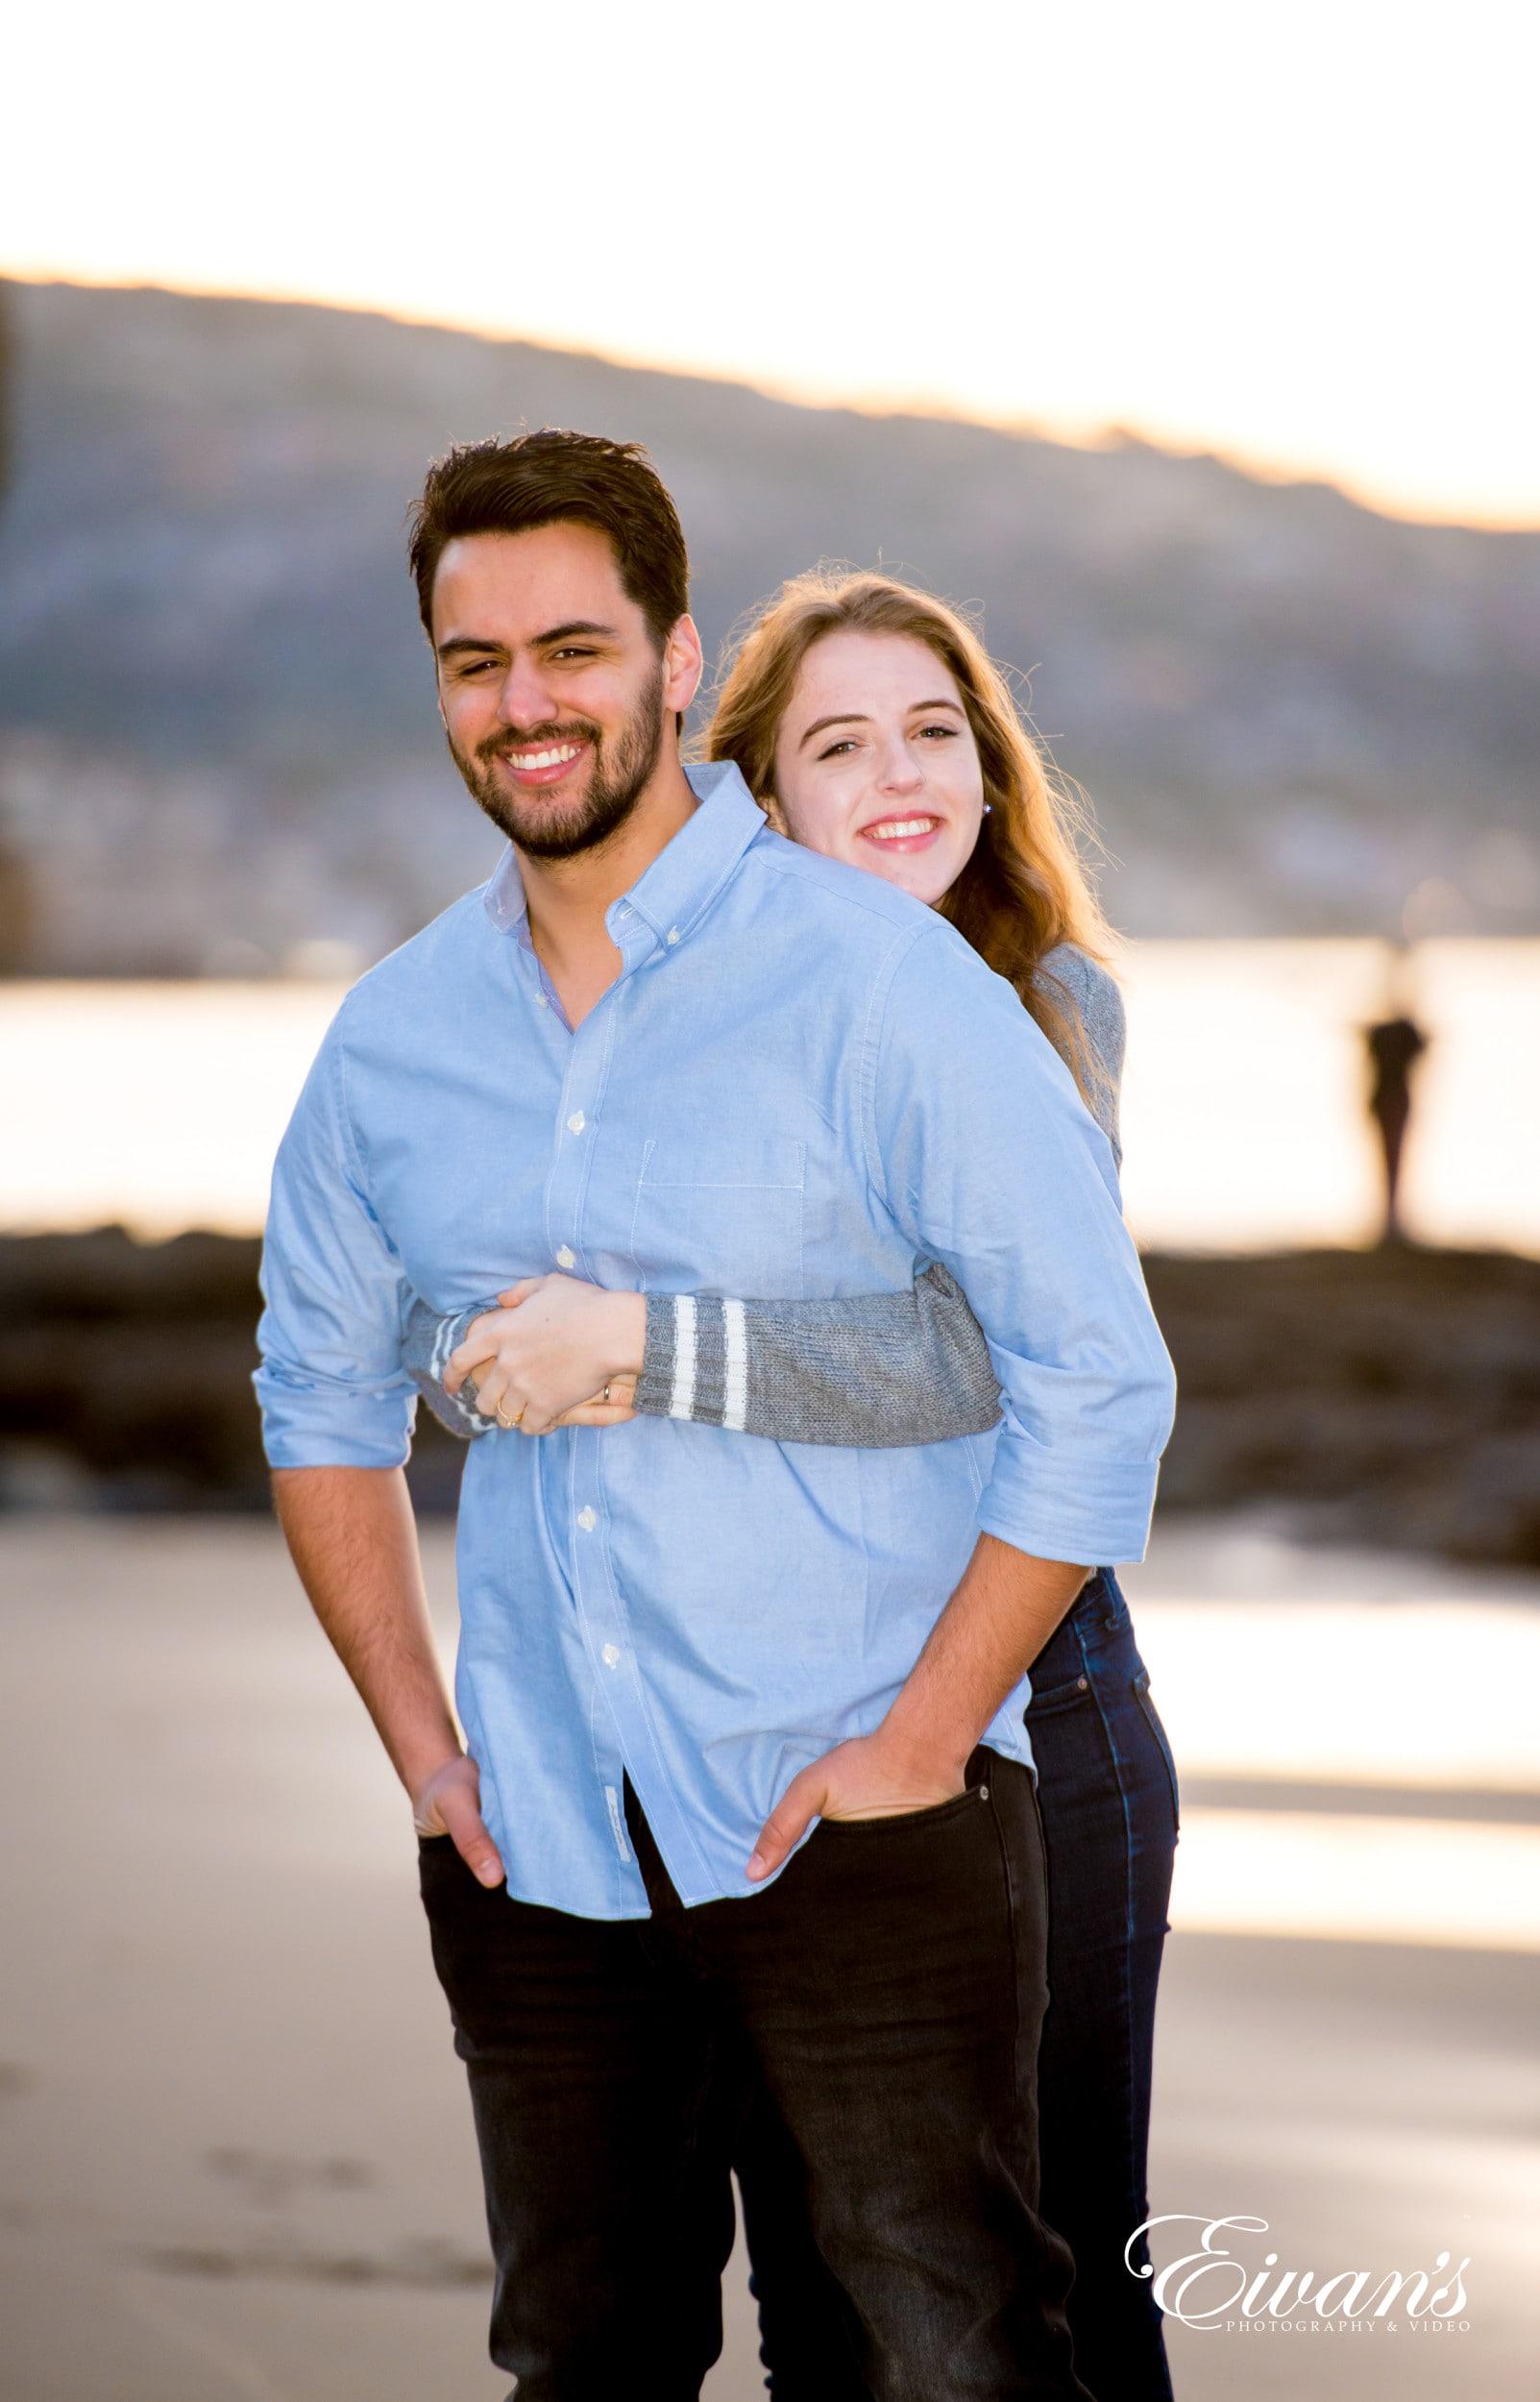 man in blue dress shirt hugging woman in gray long sleeve shirt